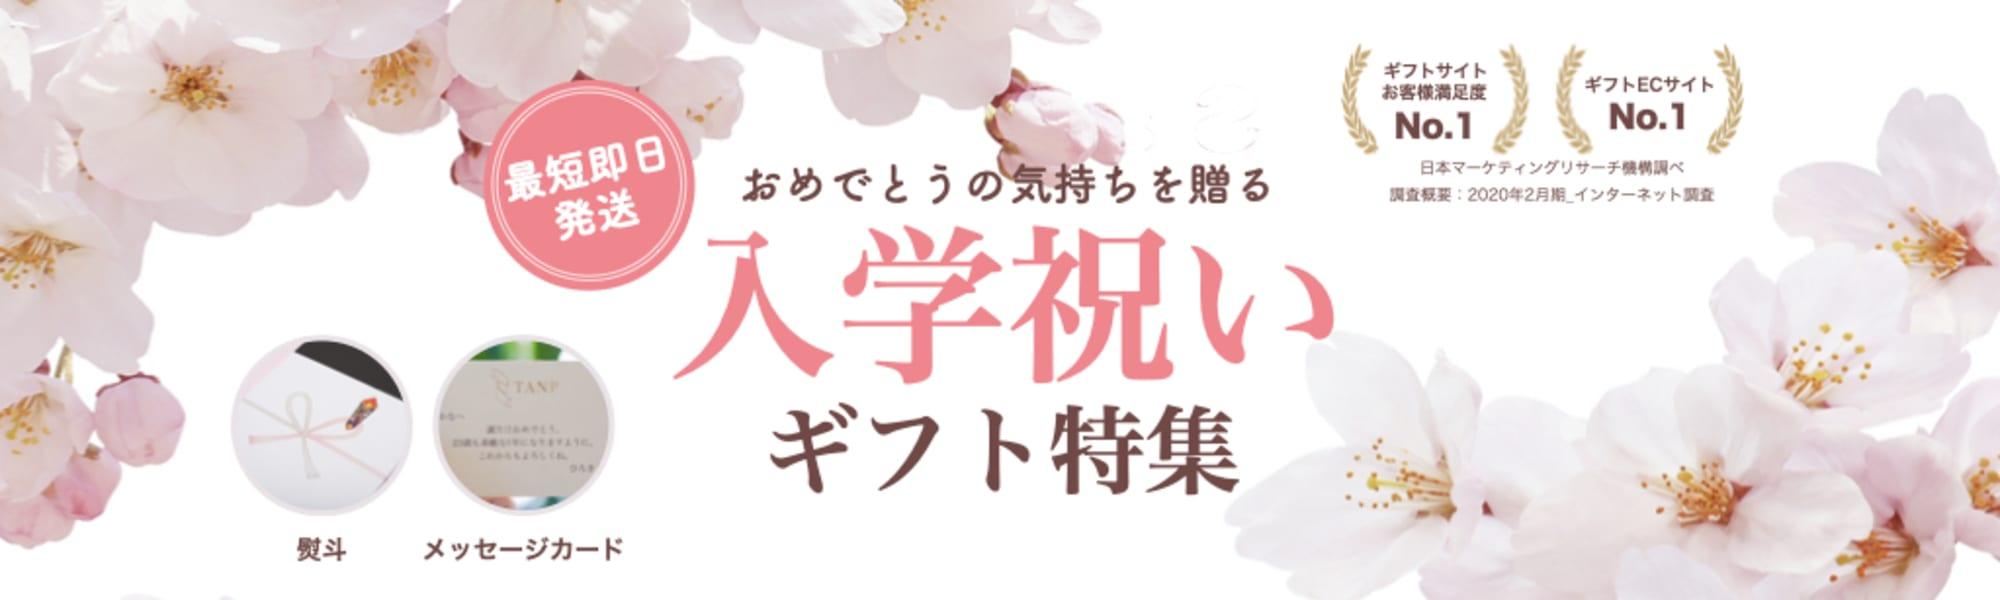 入学祝いギフト特集!